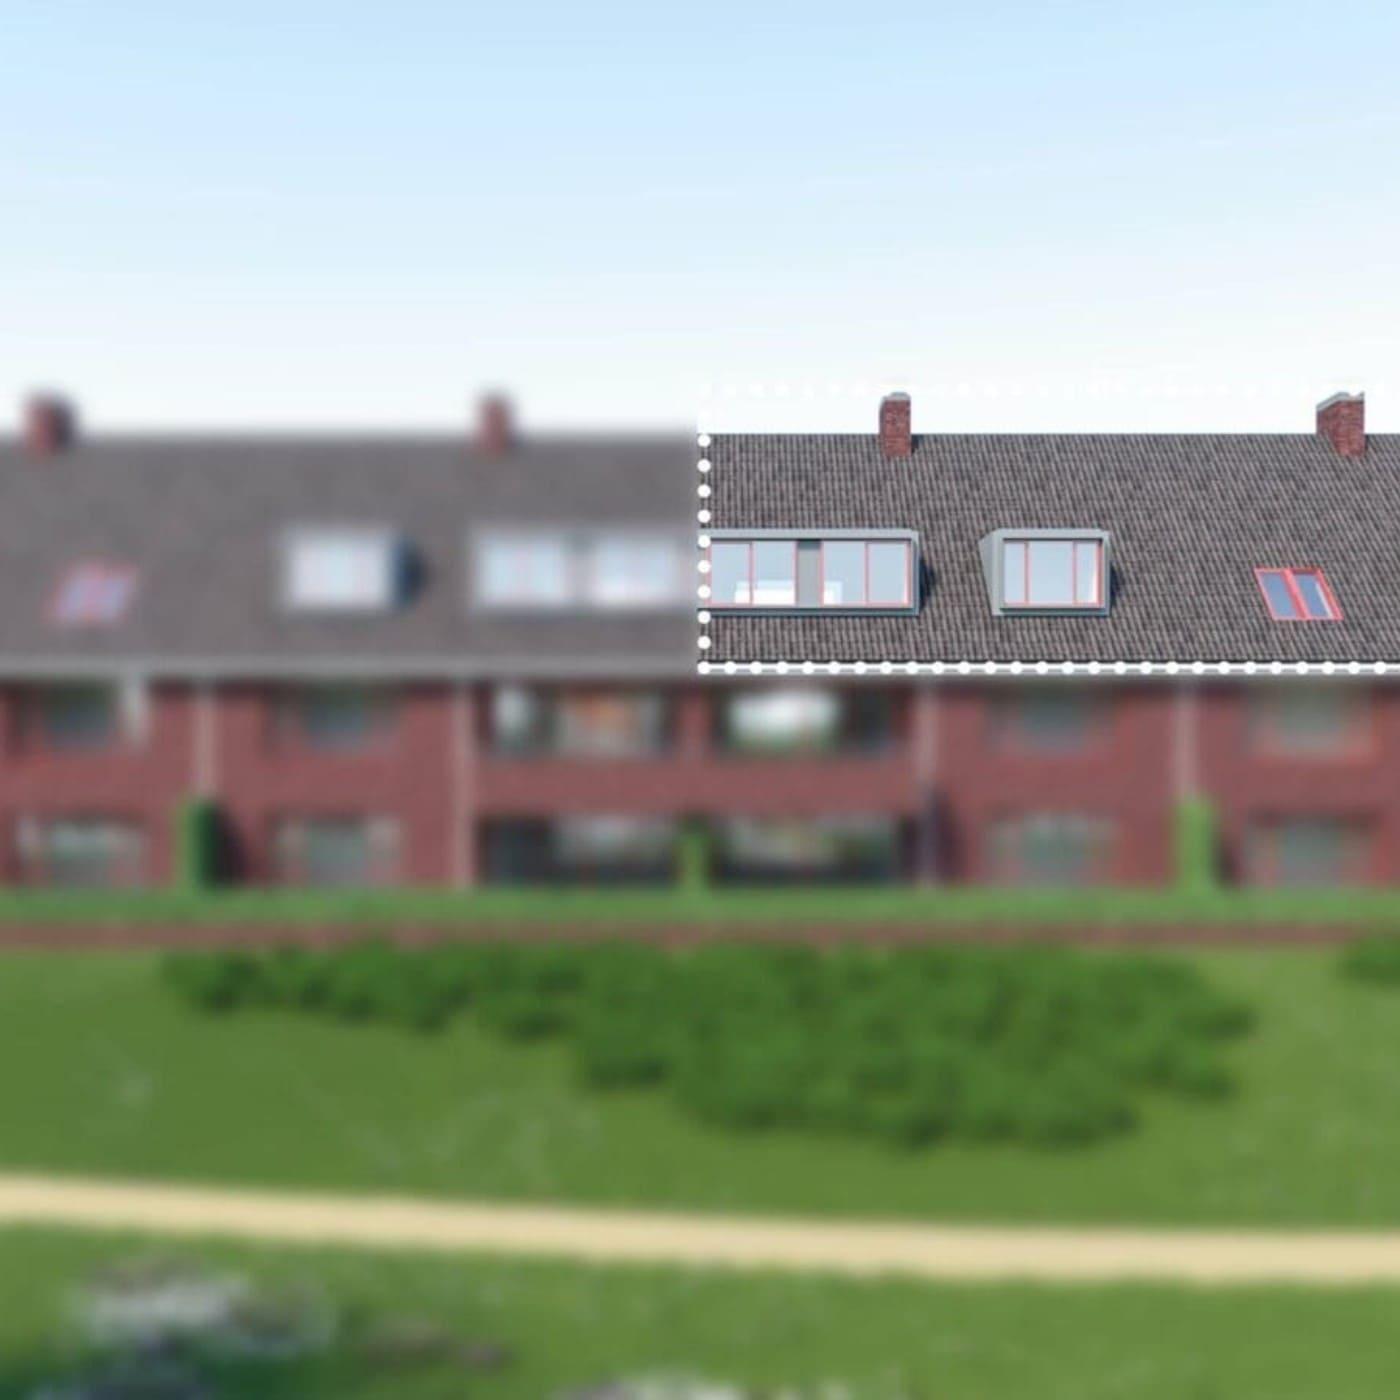 Buitengoed Beelden Aanzicht Stippellijn Lichtval27 E Front 1600x900